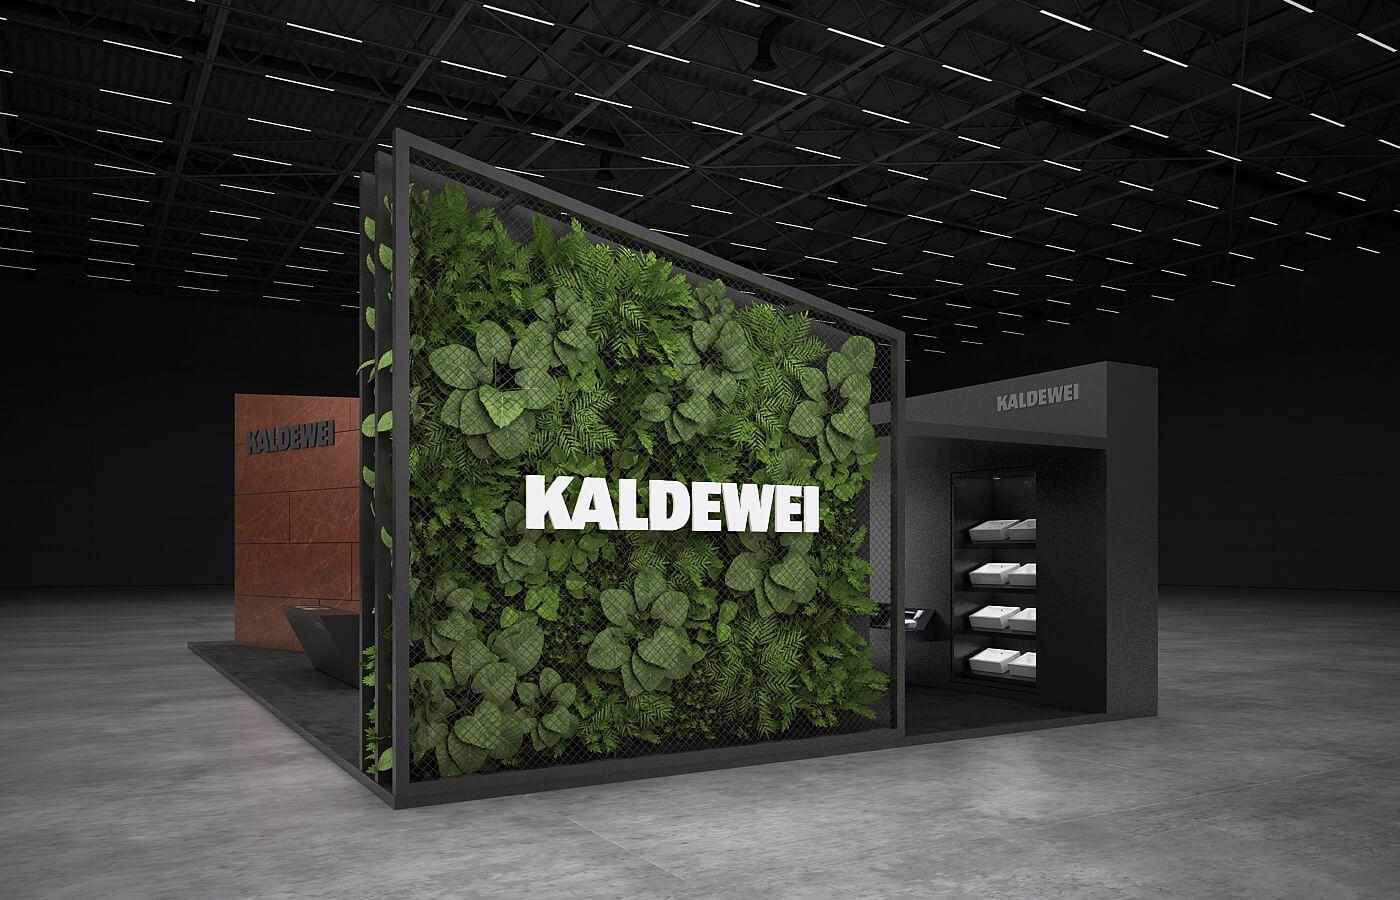 Exhibition Booth Design Concept : Kaldewei exhibition booth design concept exhibitions booth